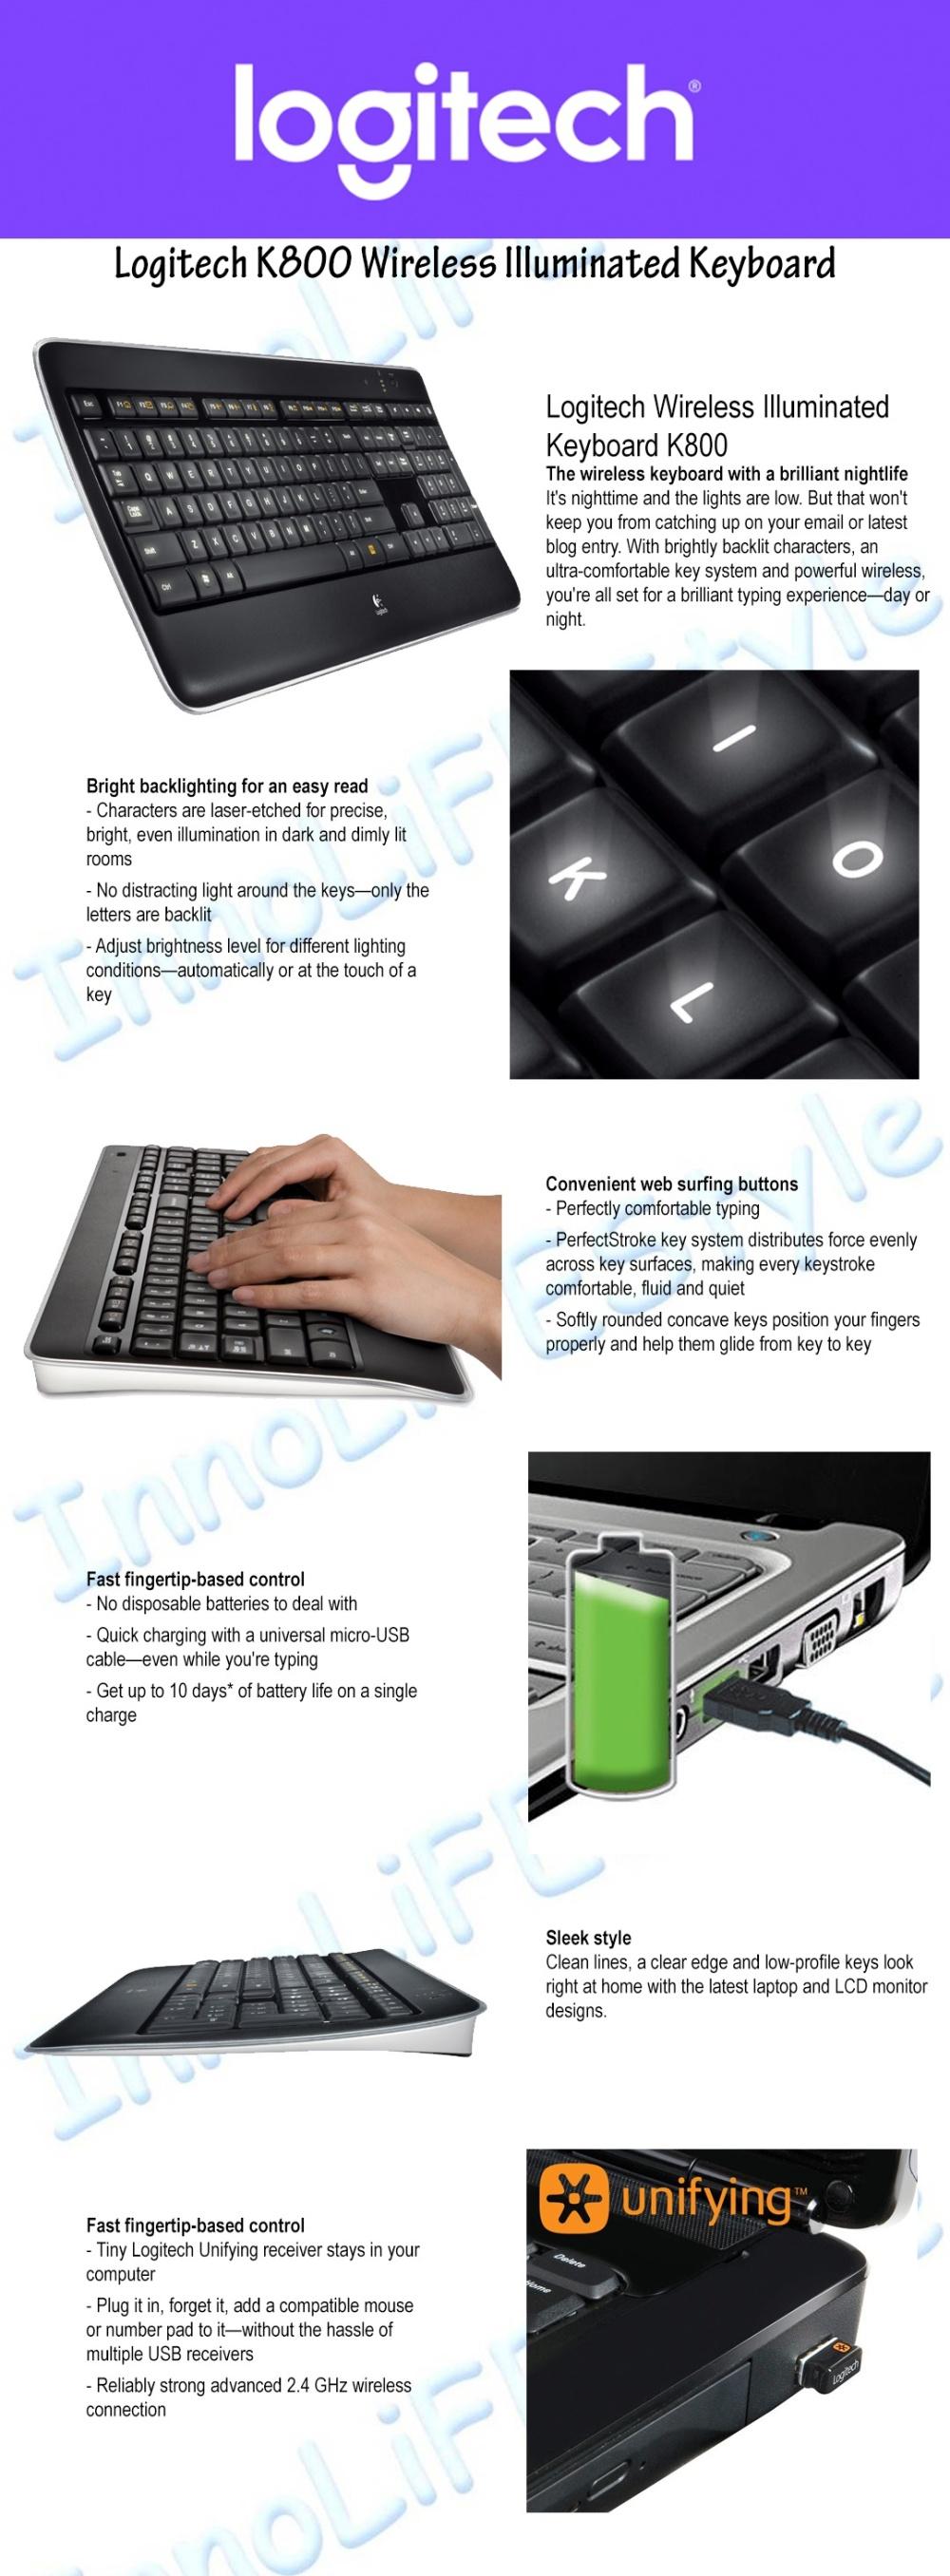 Logitech K800 Illuminated Wireless Keyboard